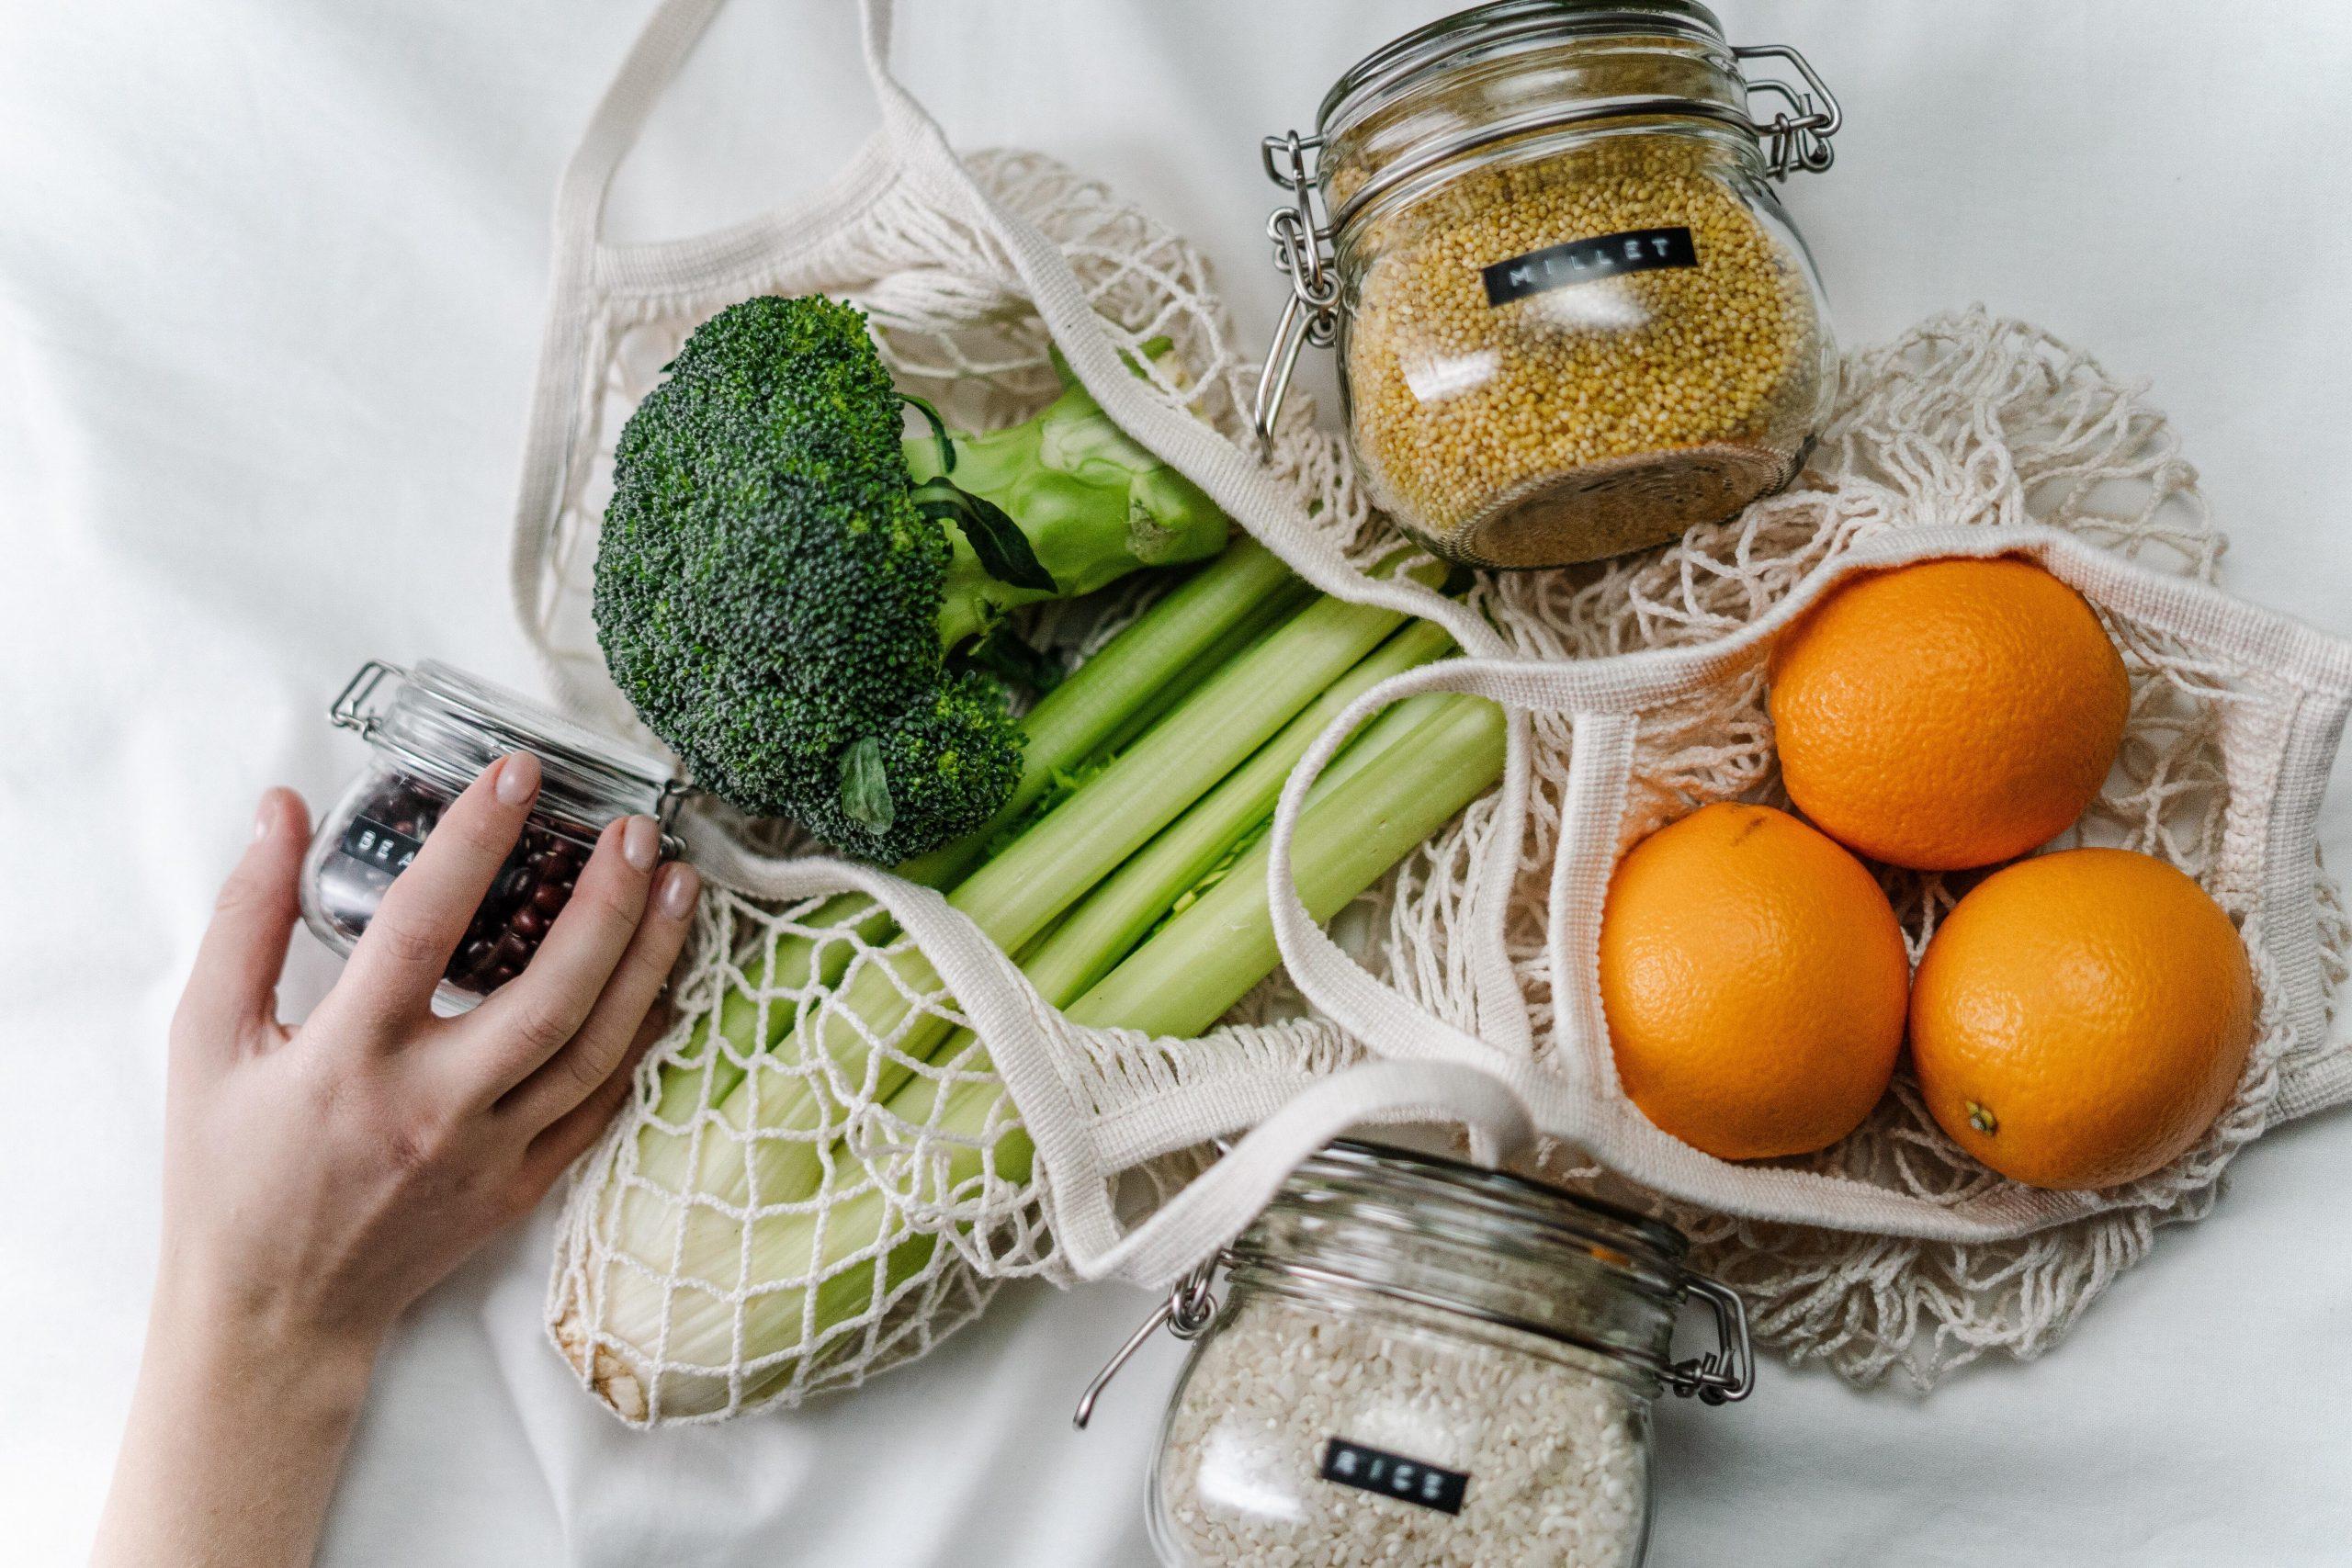 L'alimentazione sana incide sul microbiota intestinale e quello mammario, prevenendo il rischio di tumori al seno.